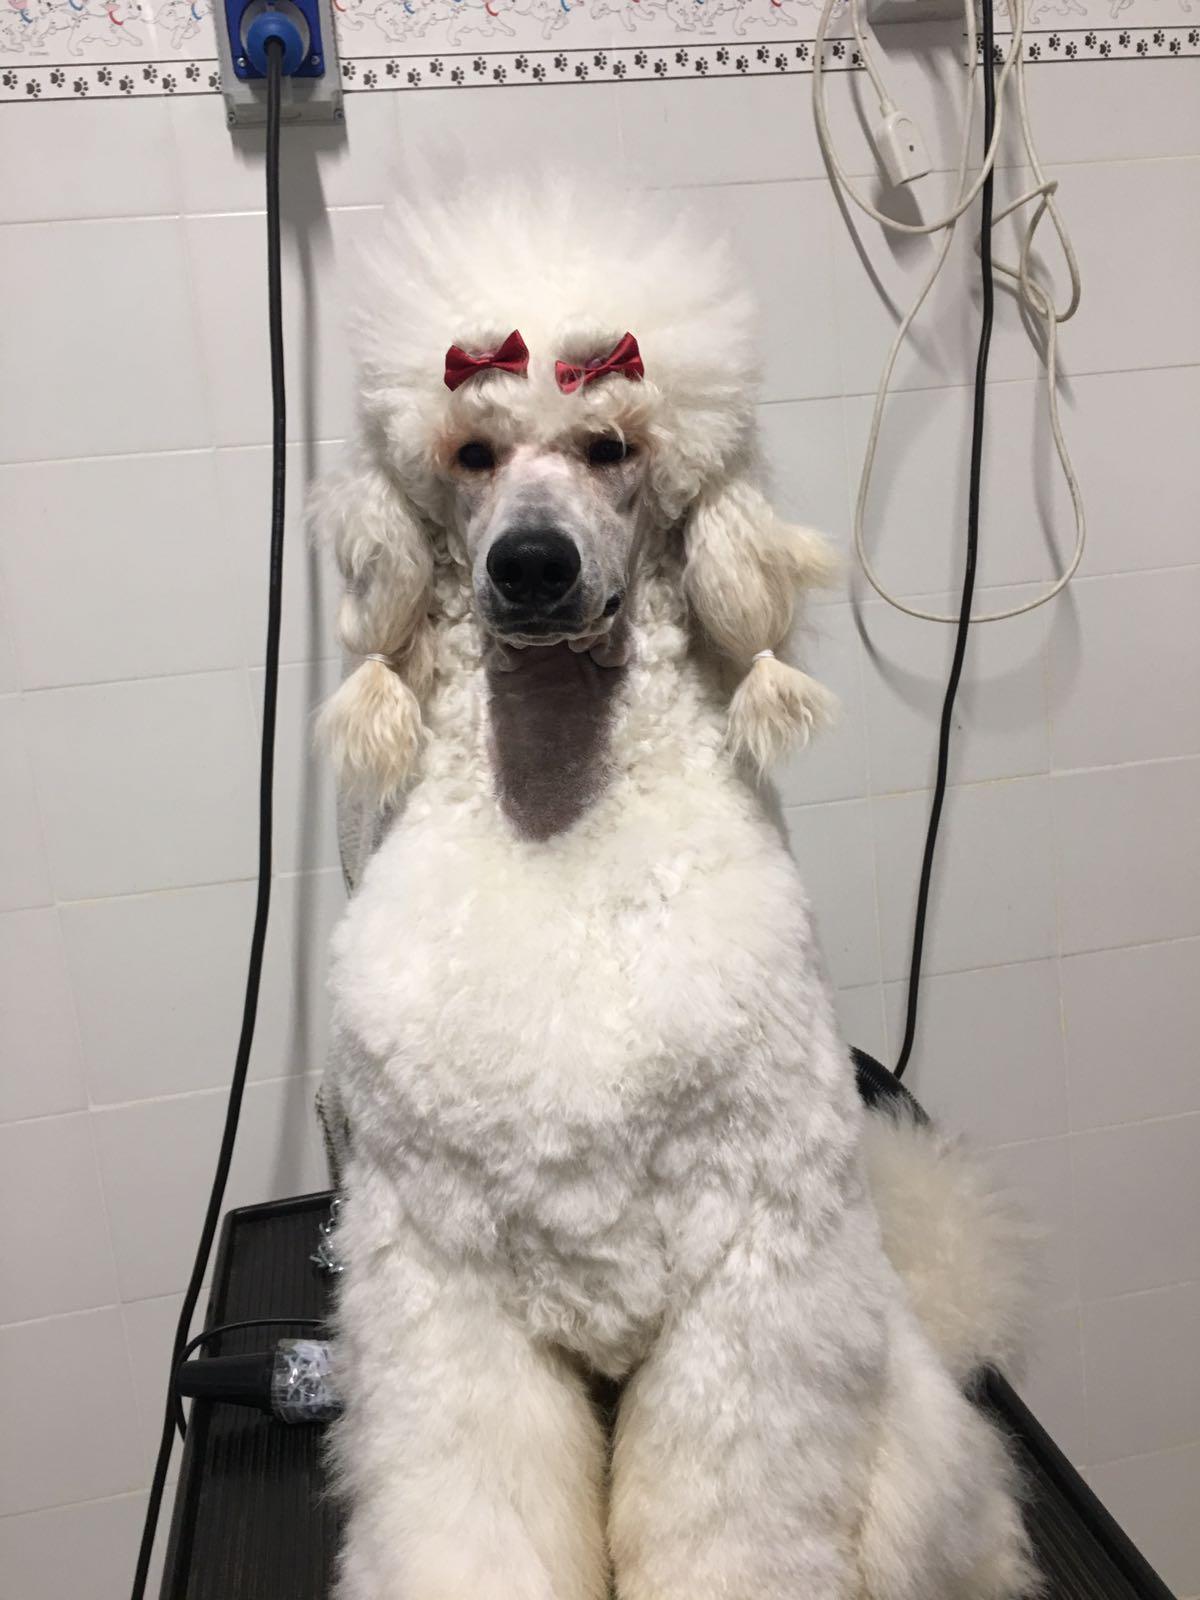 Un cane di razza barboncino mentre è seduto su una struttura in ferro per toelettatura